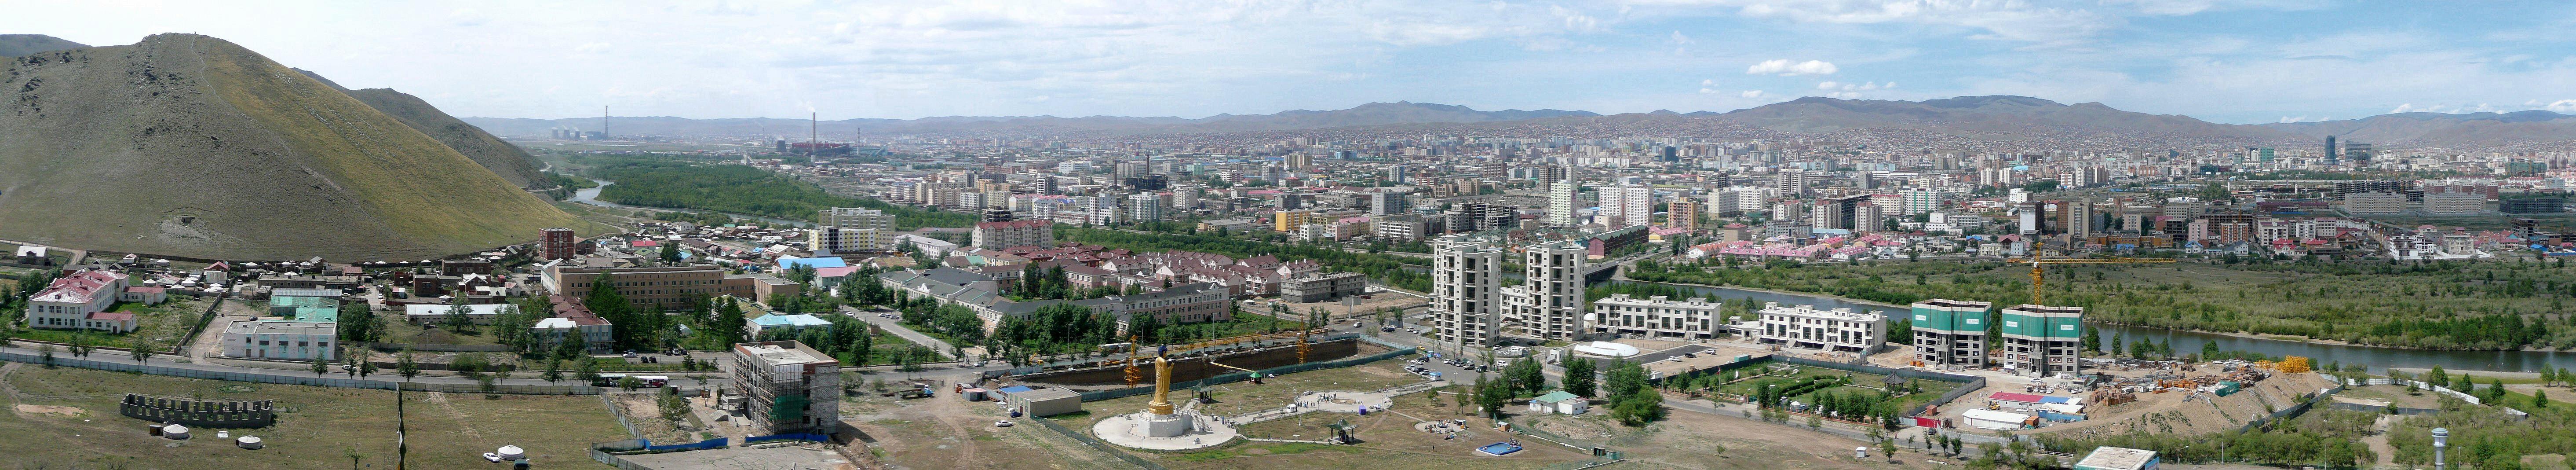 Panorama-Ulan-Bator-2009.jpg